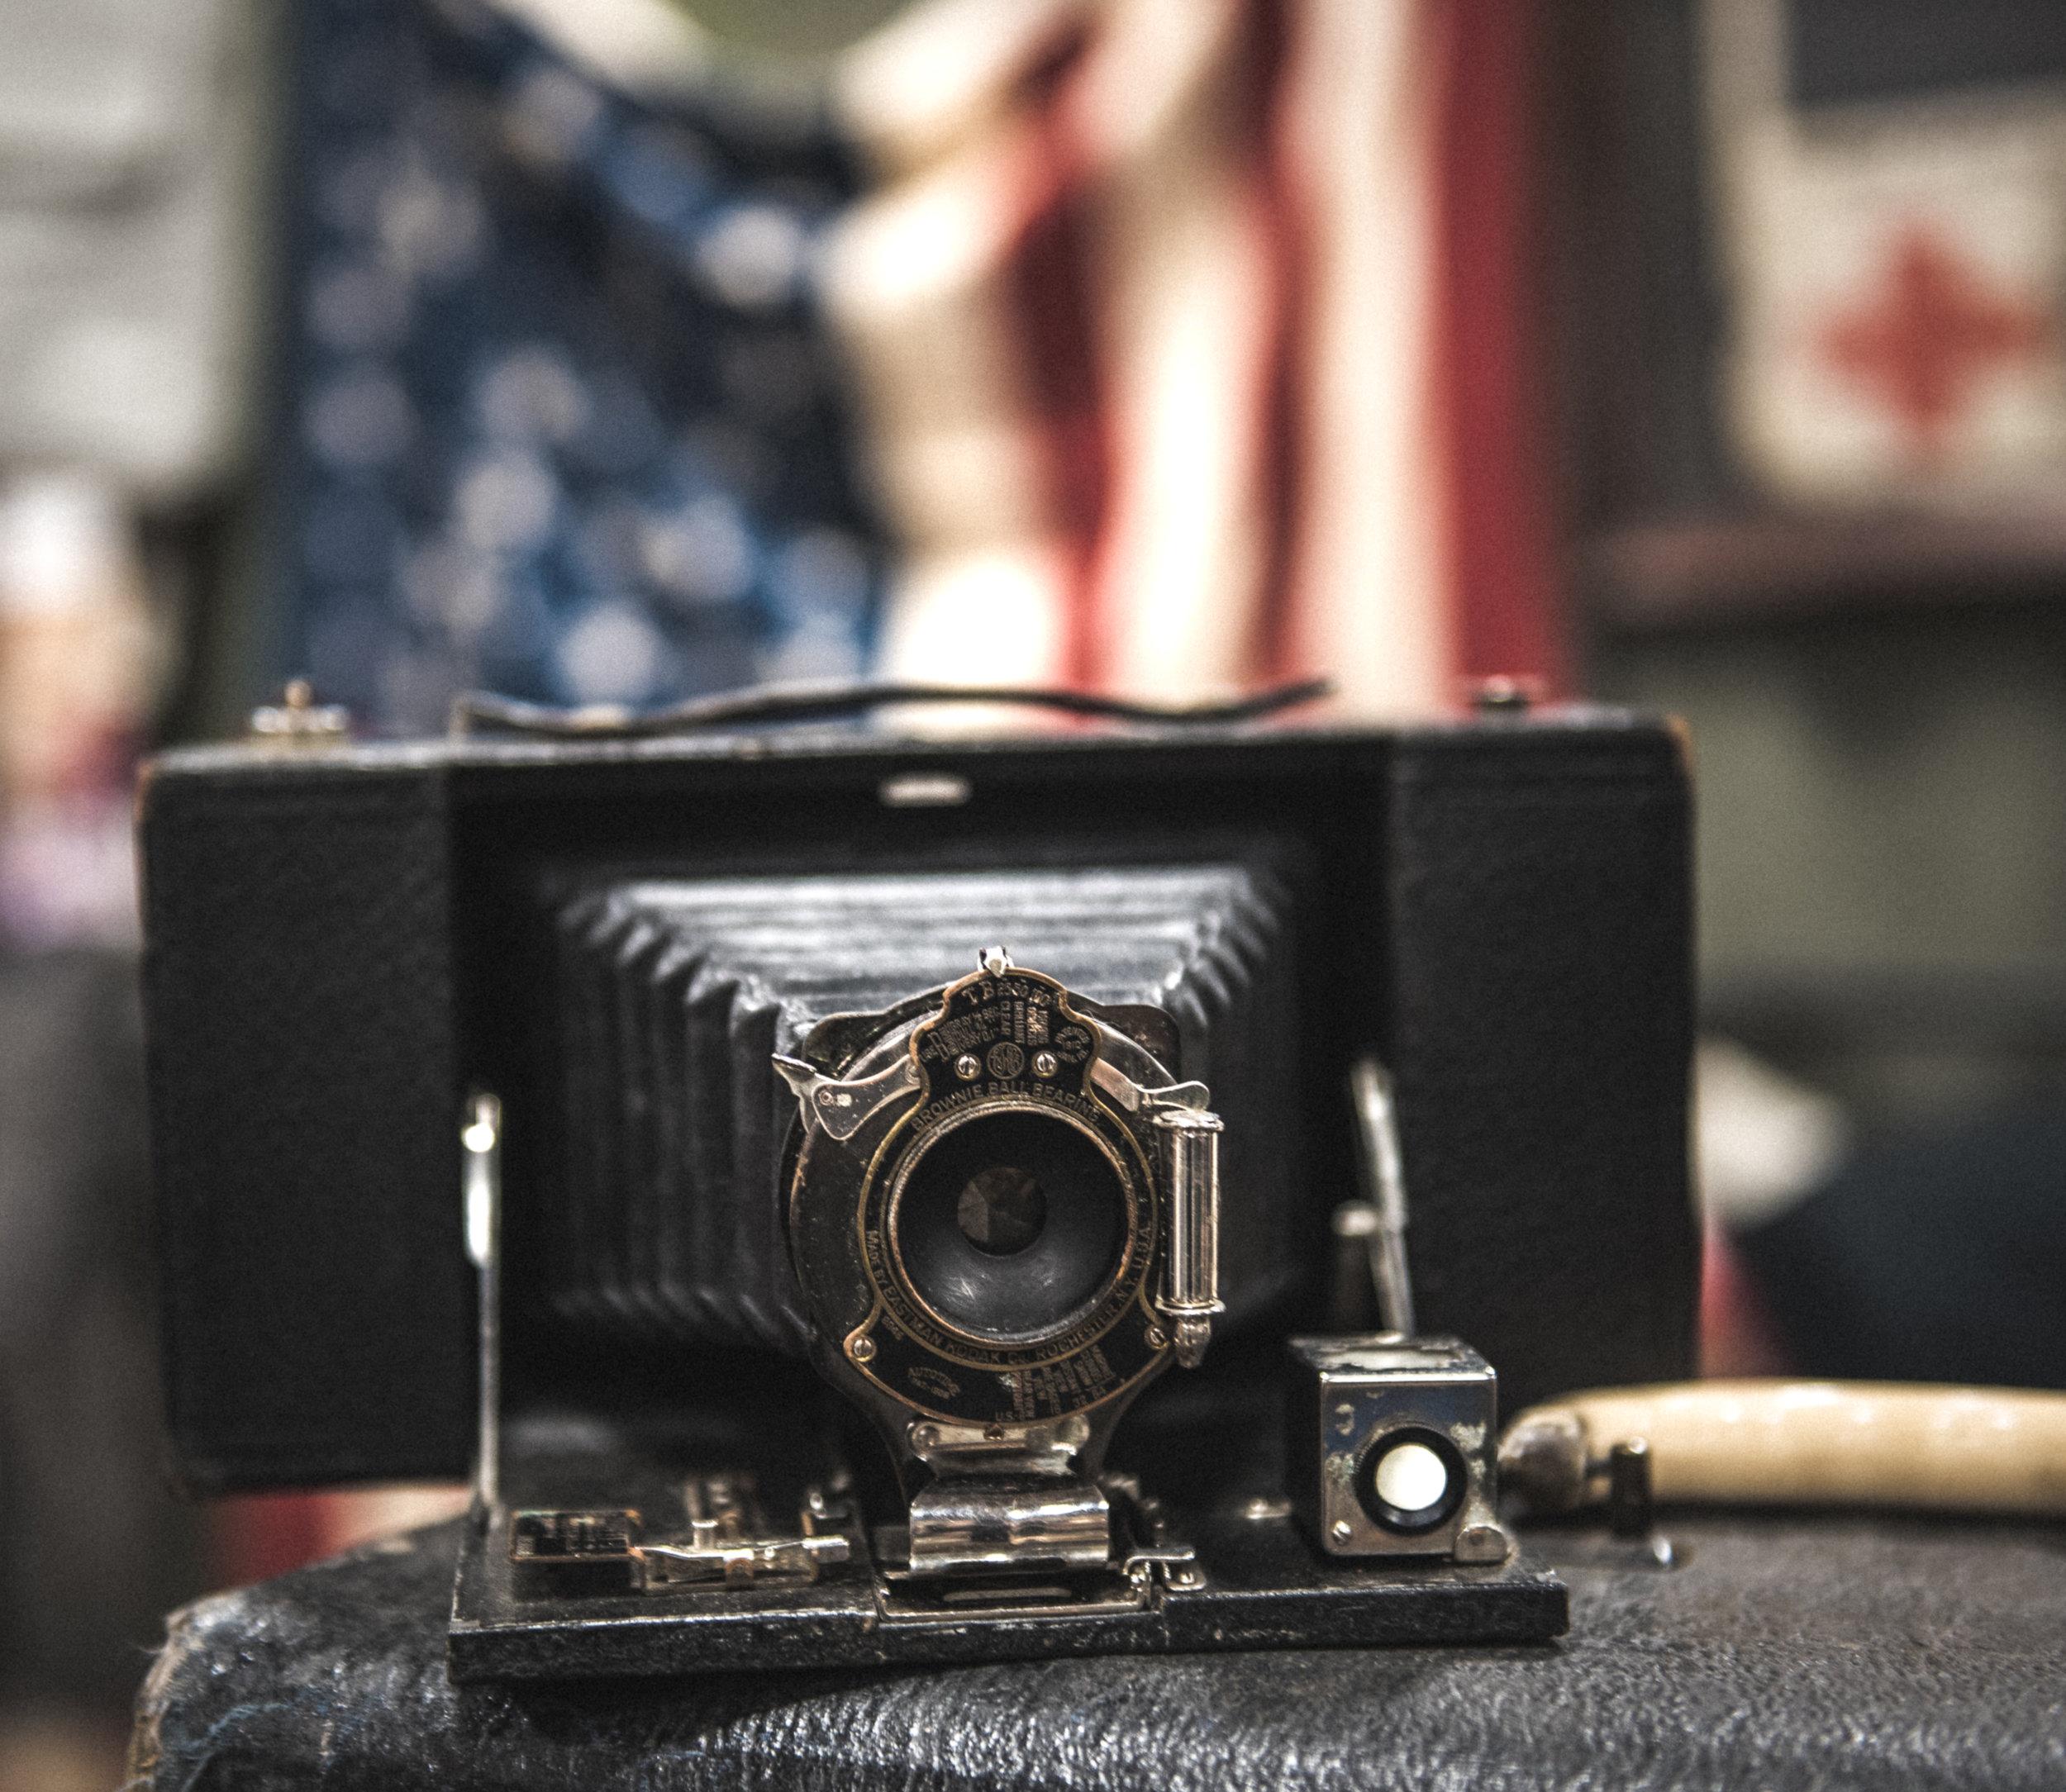 camera1 (1 of 1).jpg